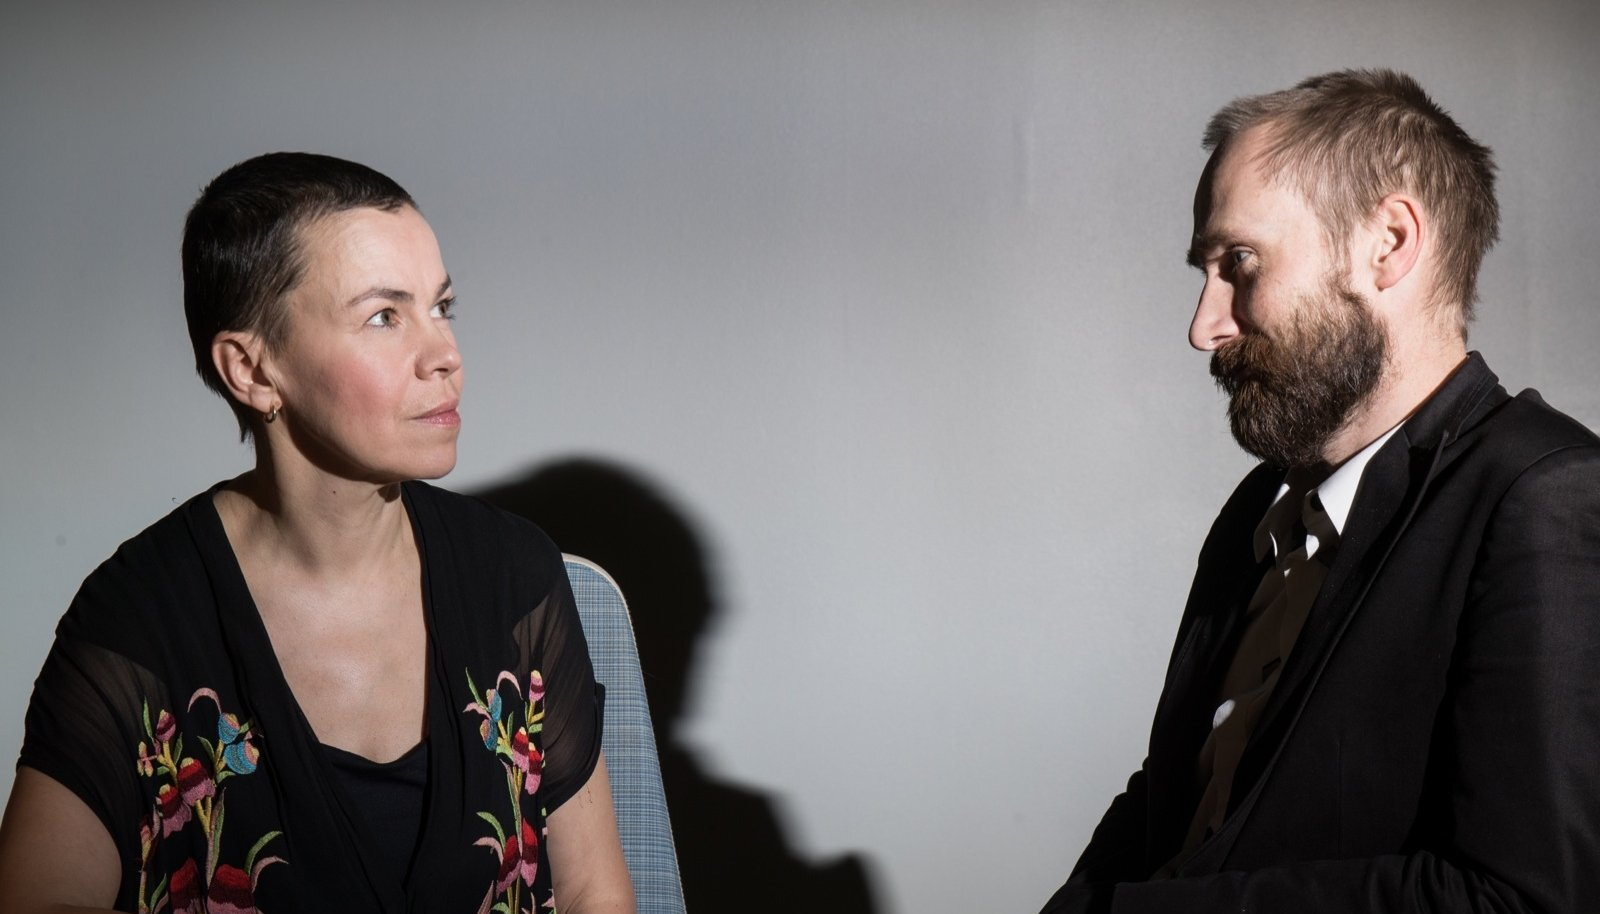 Ene-Liis Semper ja Tiit Ojasoo usuvad, et panustavad ühiskonda kõige paremini kunsti tehes.